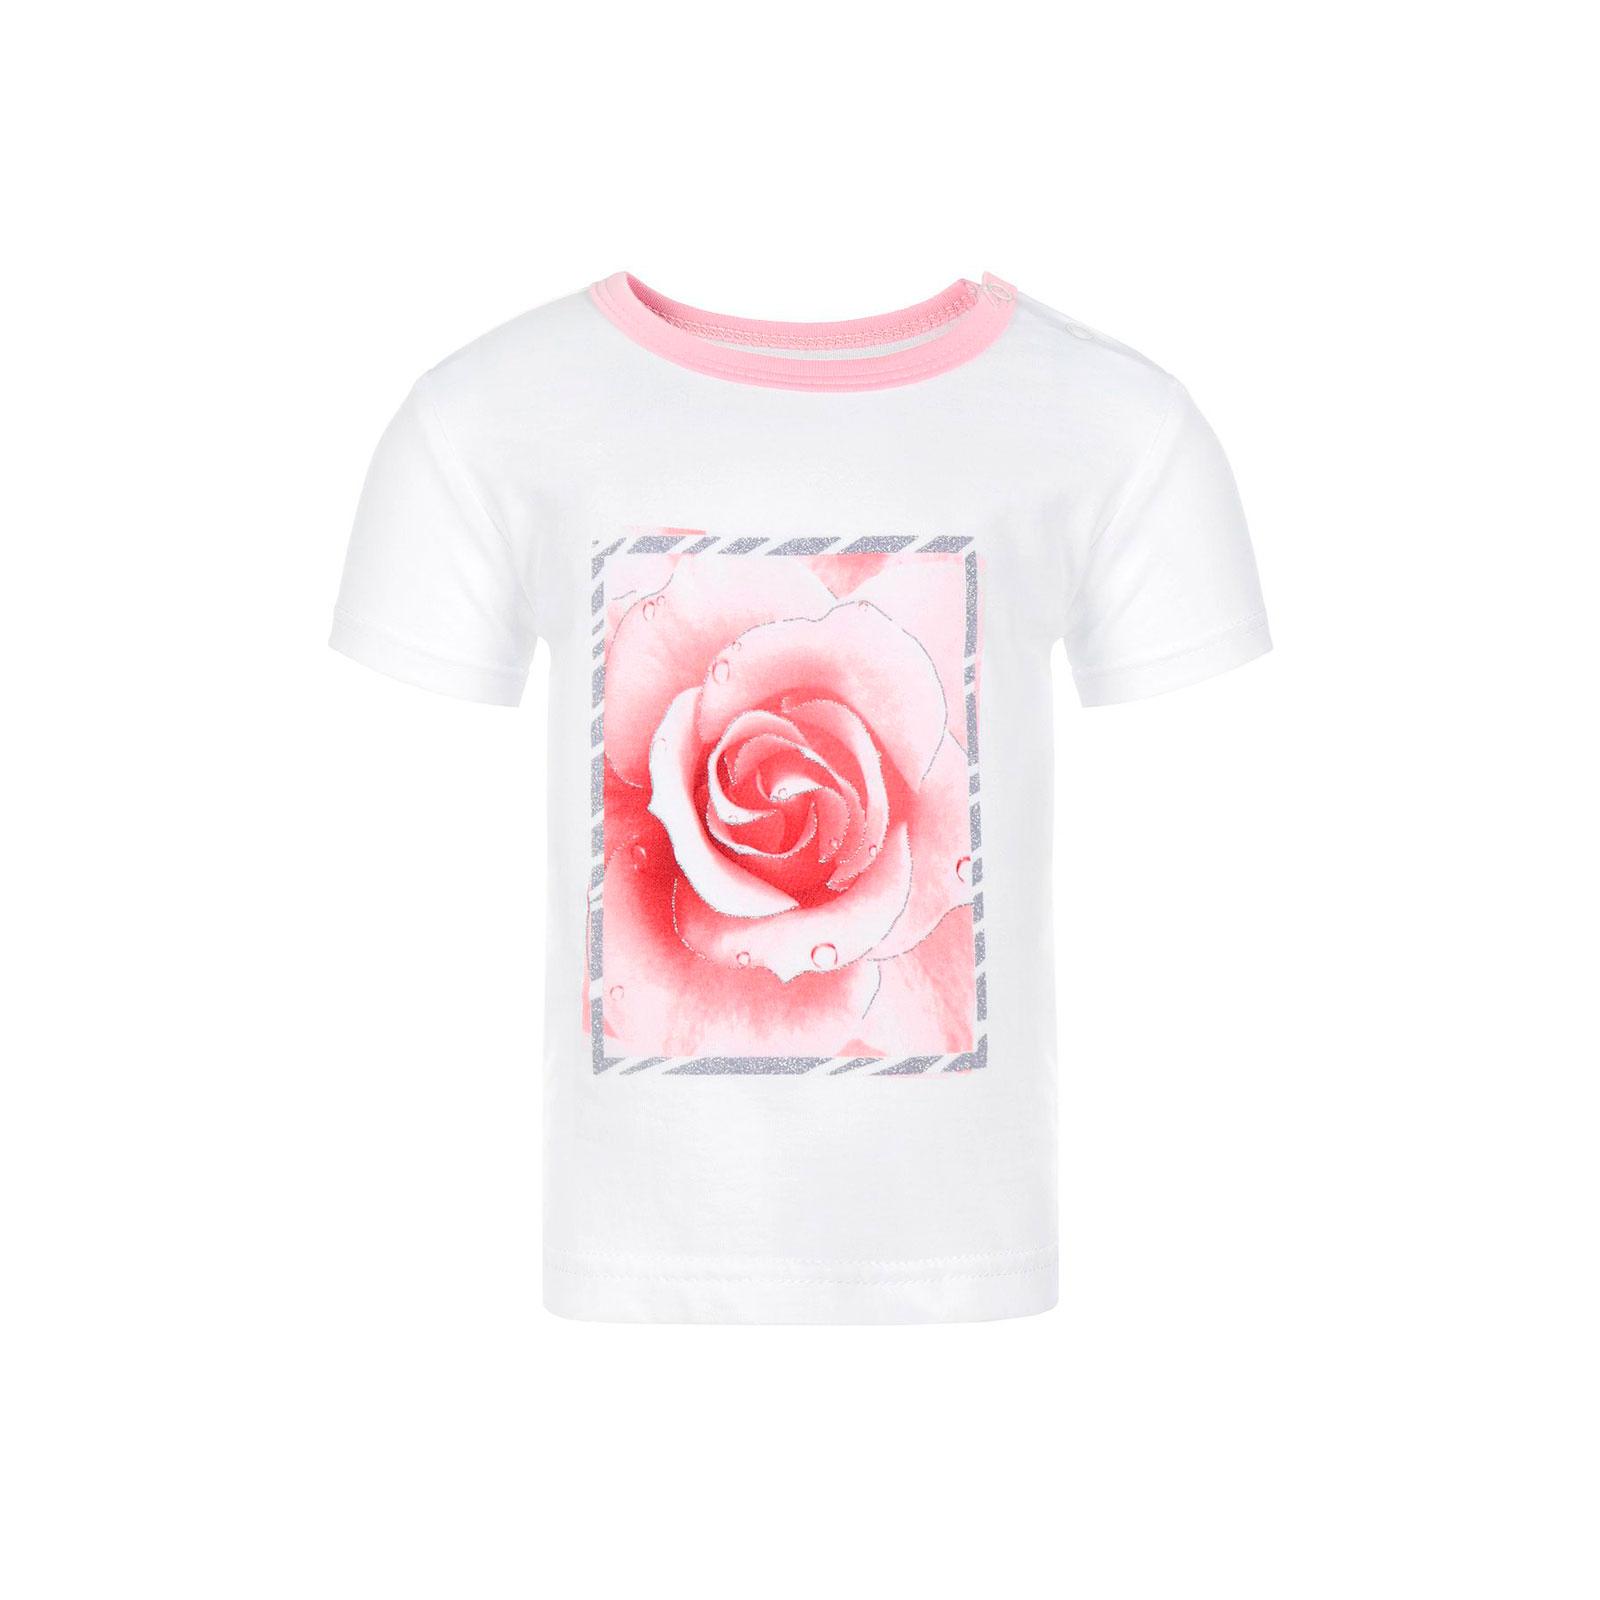 Футболка Котмаркот Розы рост 98 белый<br>